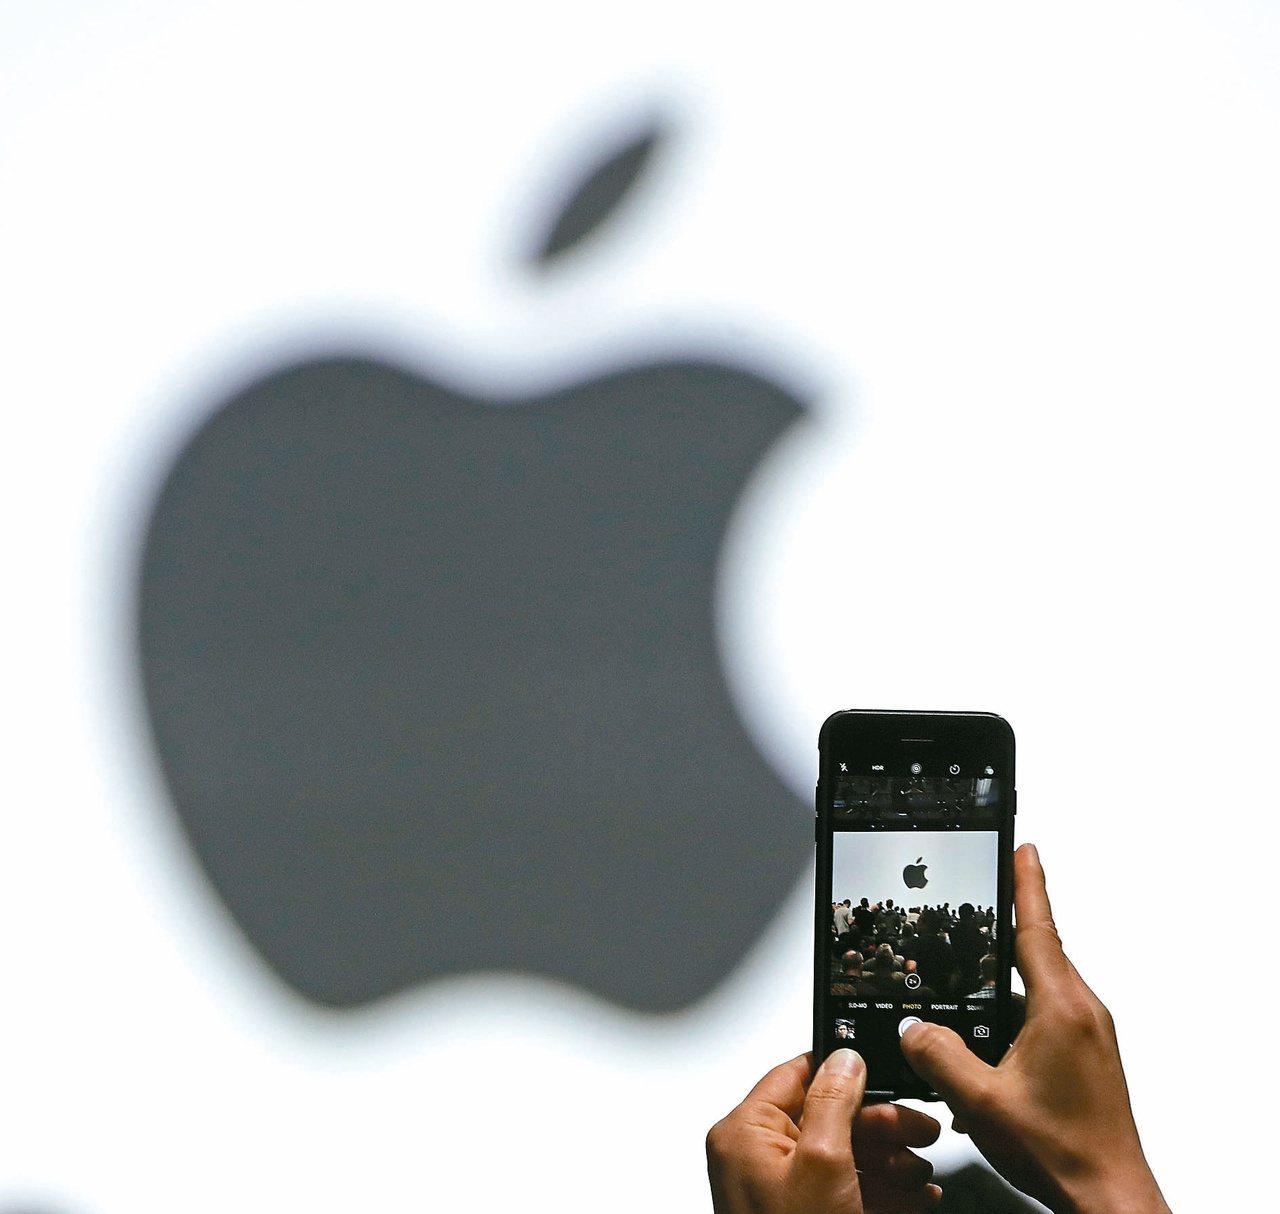 美國司法部和證管會對蘋果iPhone「降速門」展開調查。 路透